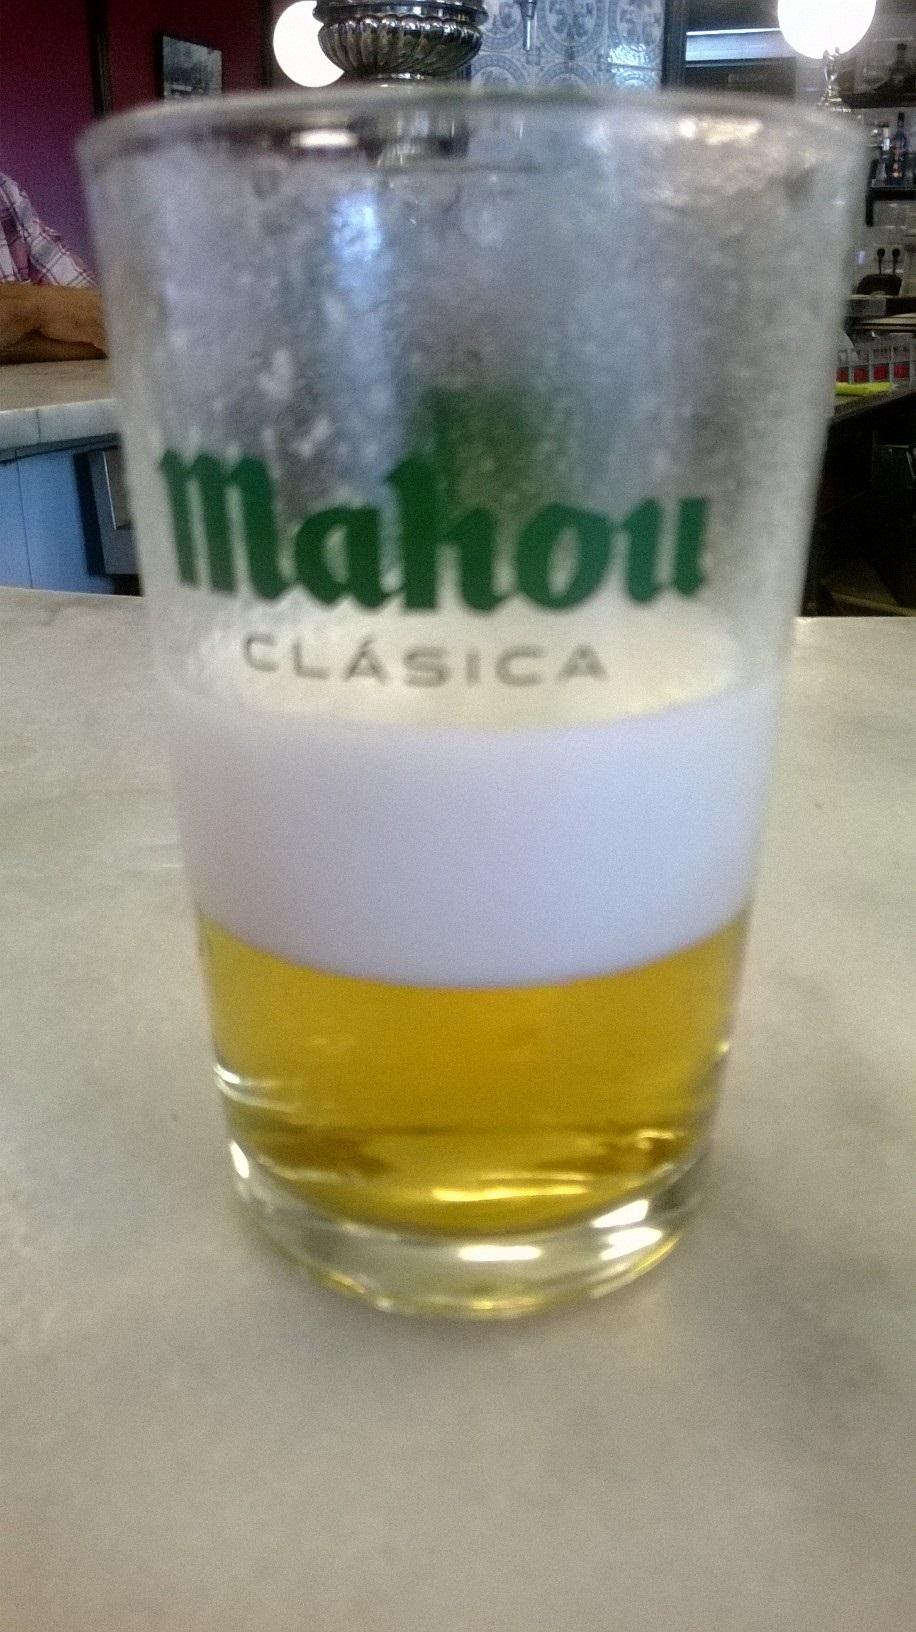 Cerveza a medias